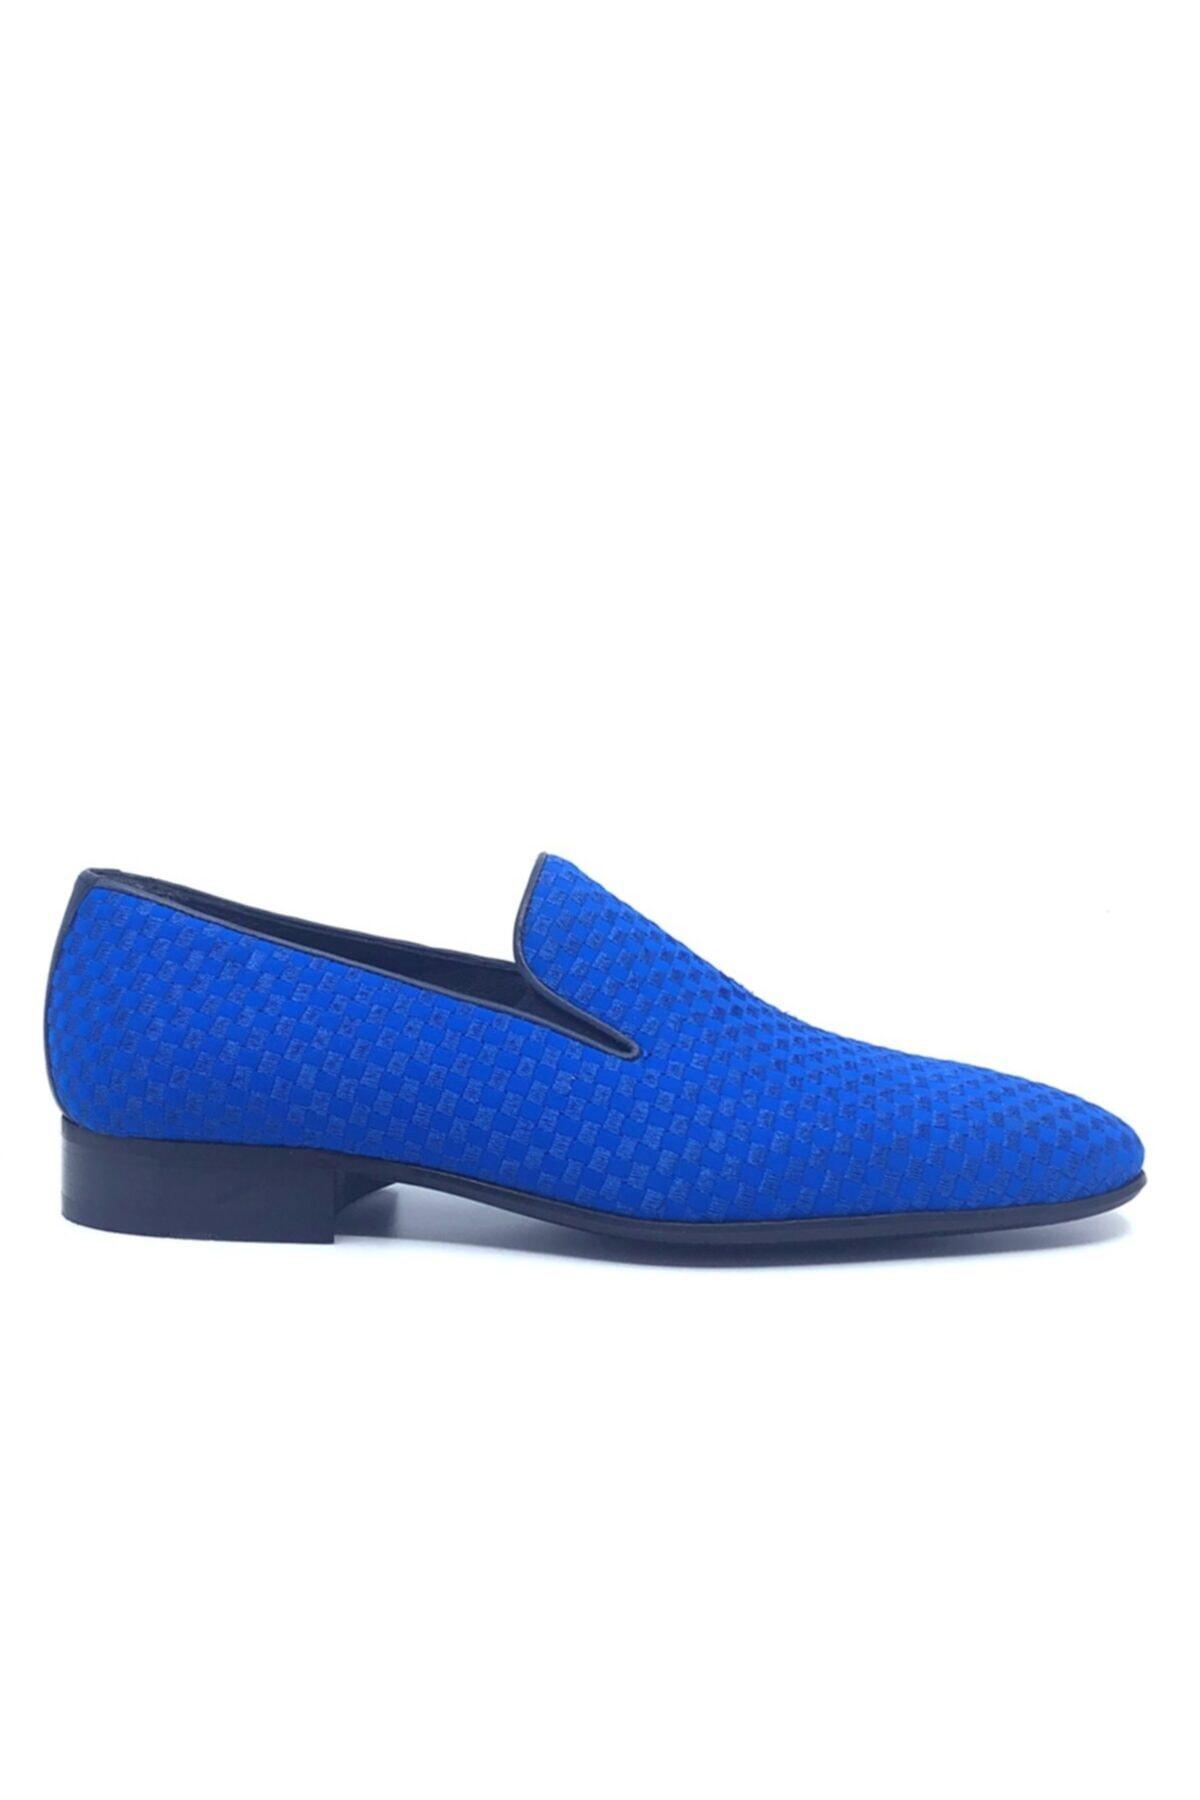 Fosco Nakışlı Mavi Klasik Erkek Ayakkabı 1305 2